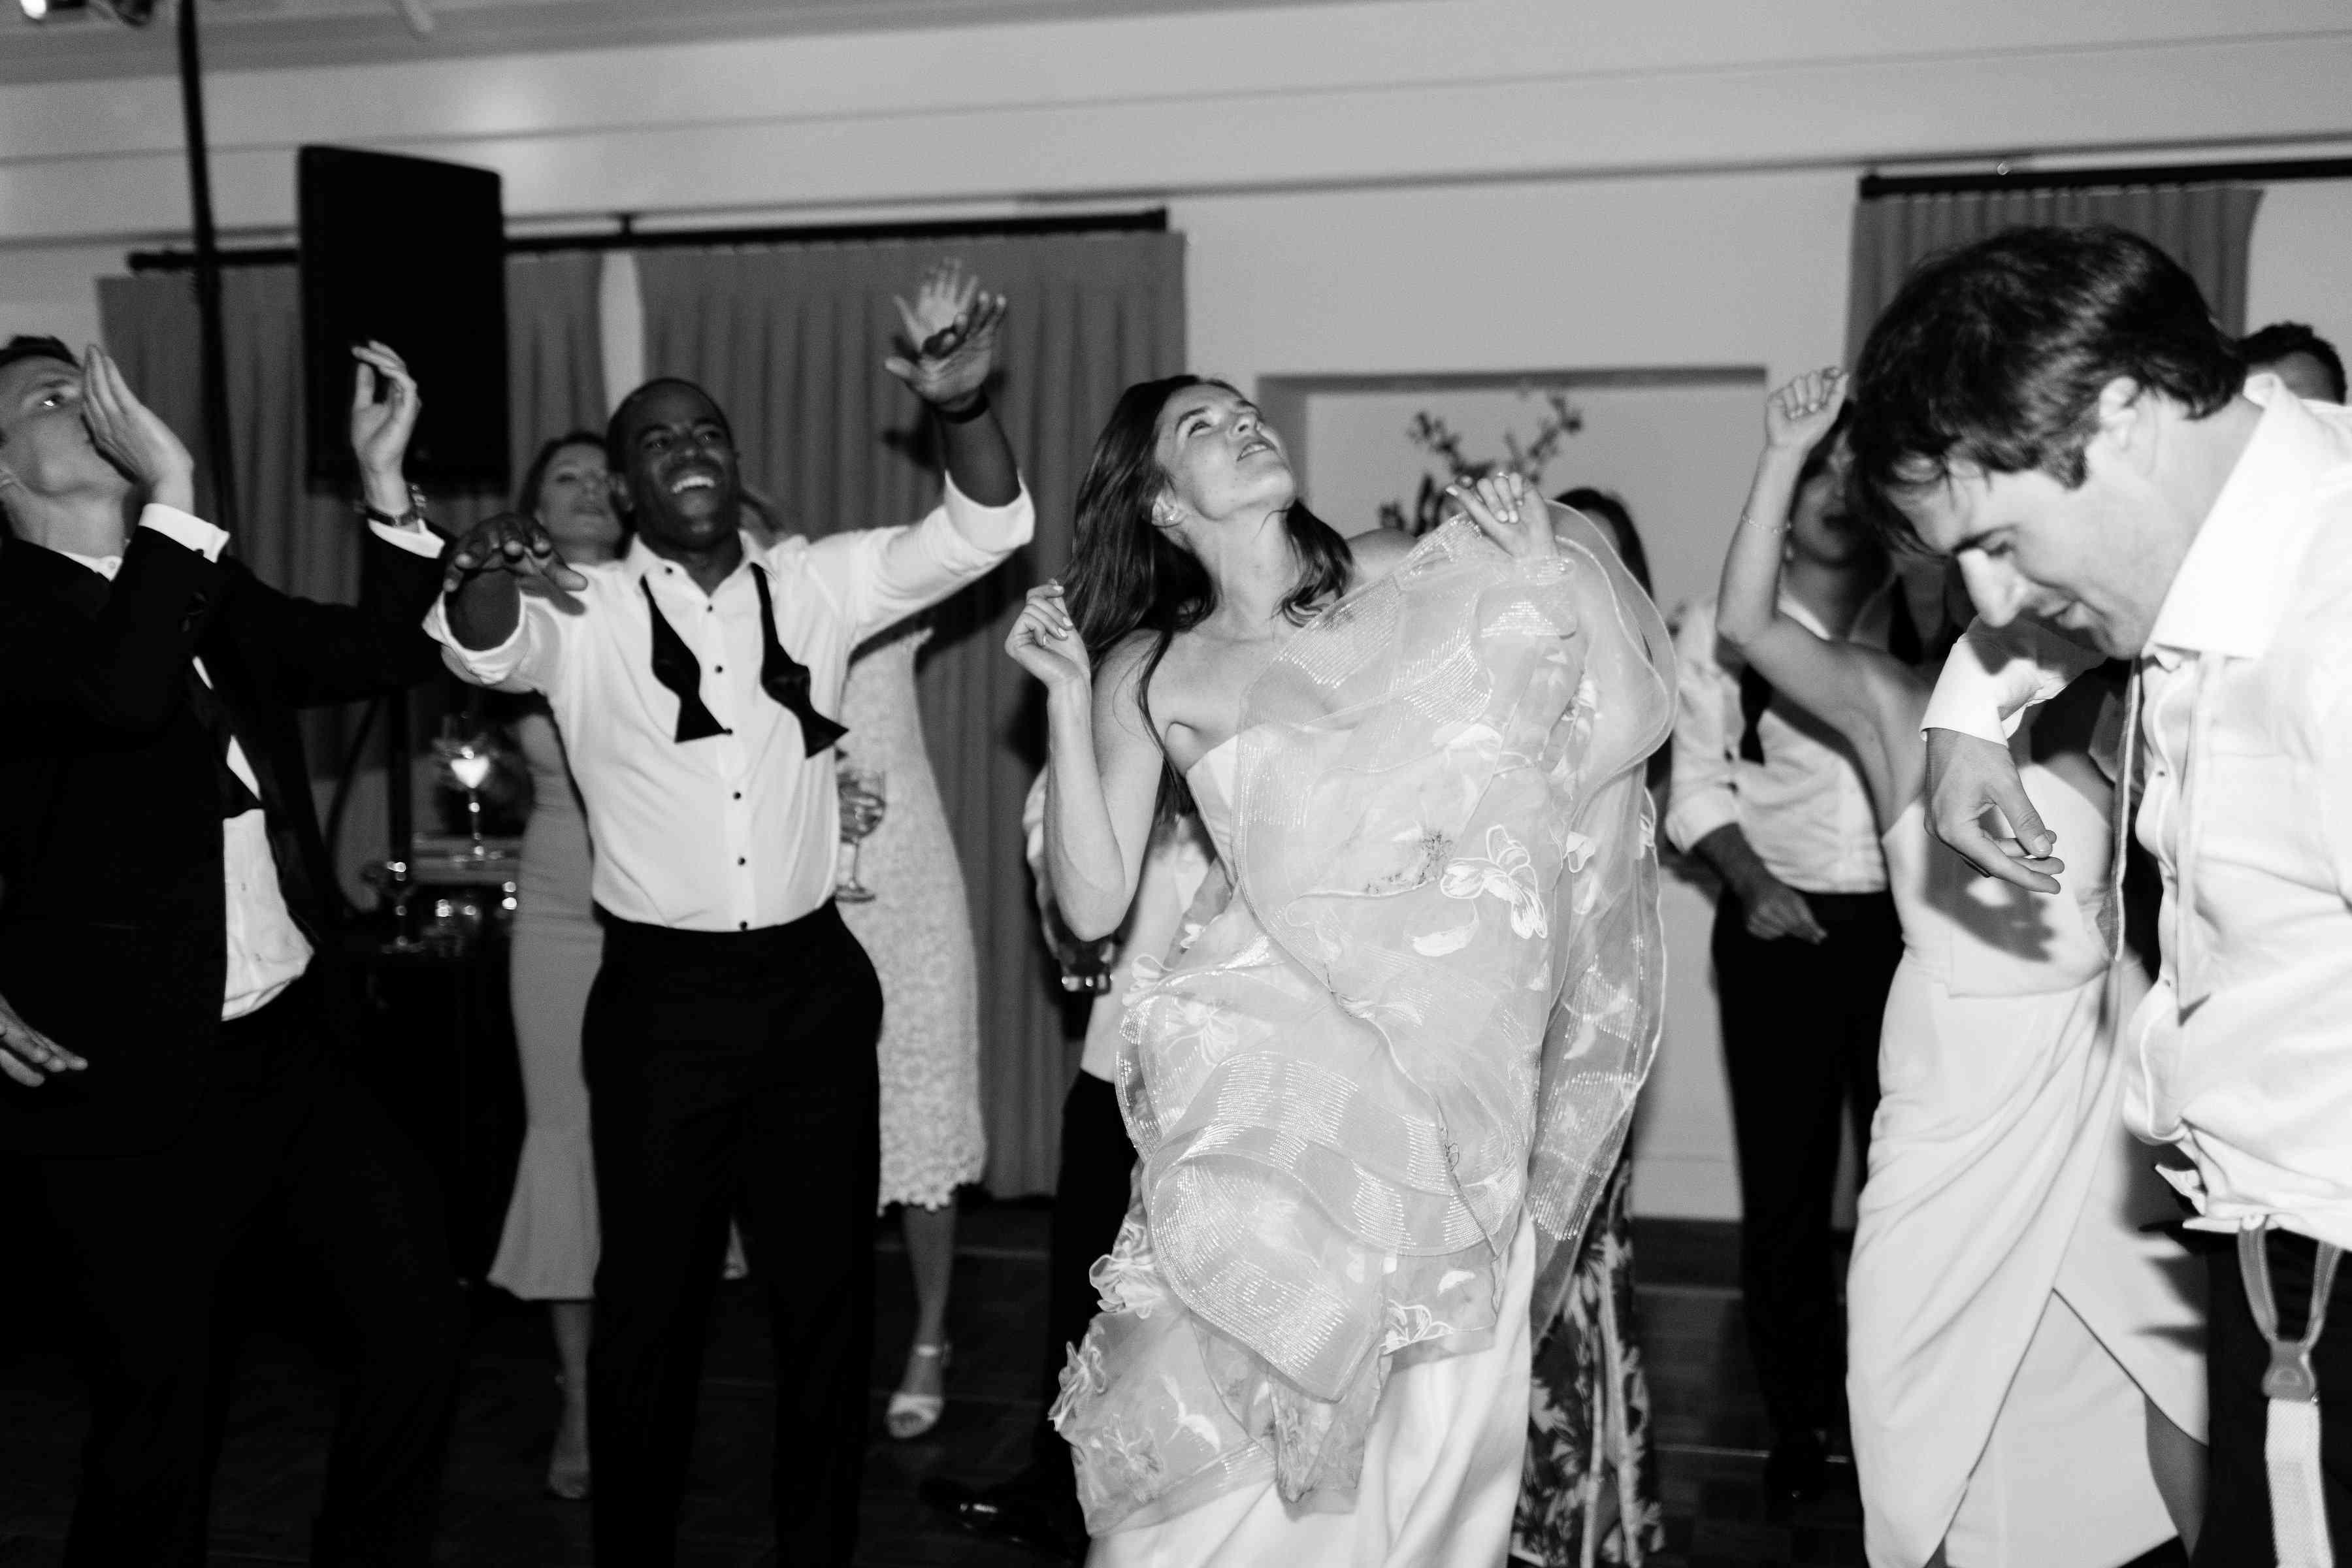 <p>dance floor dancing</p><br><br>